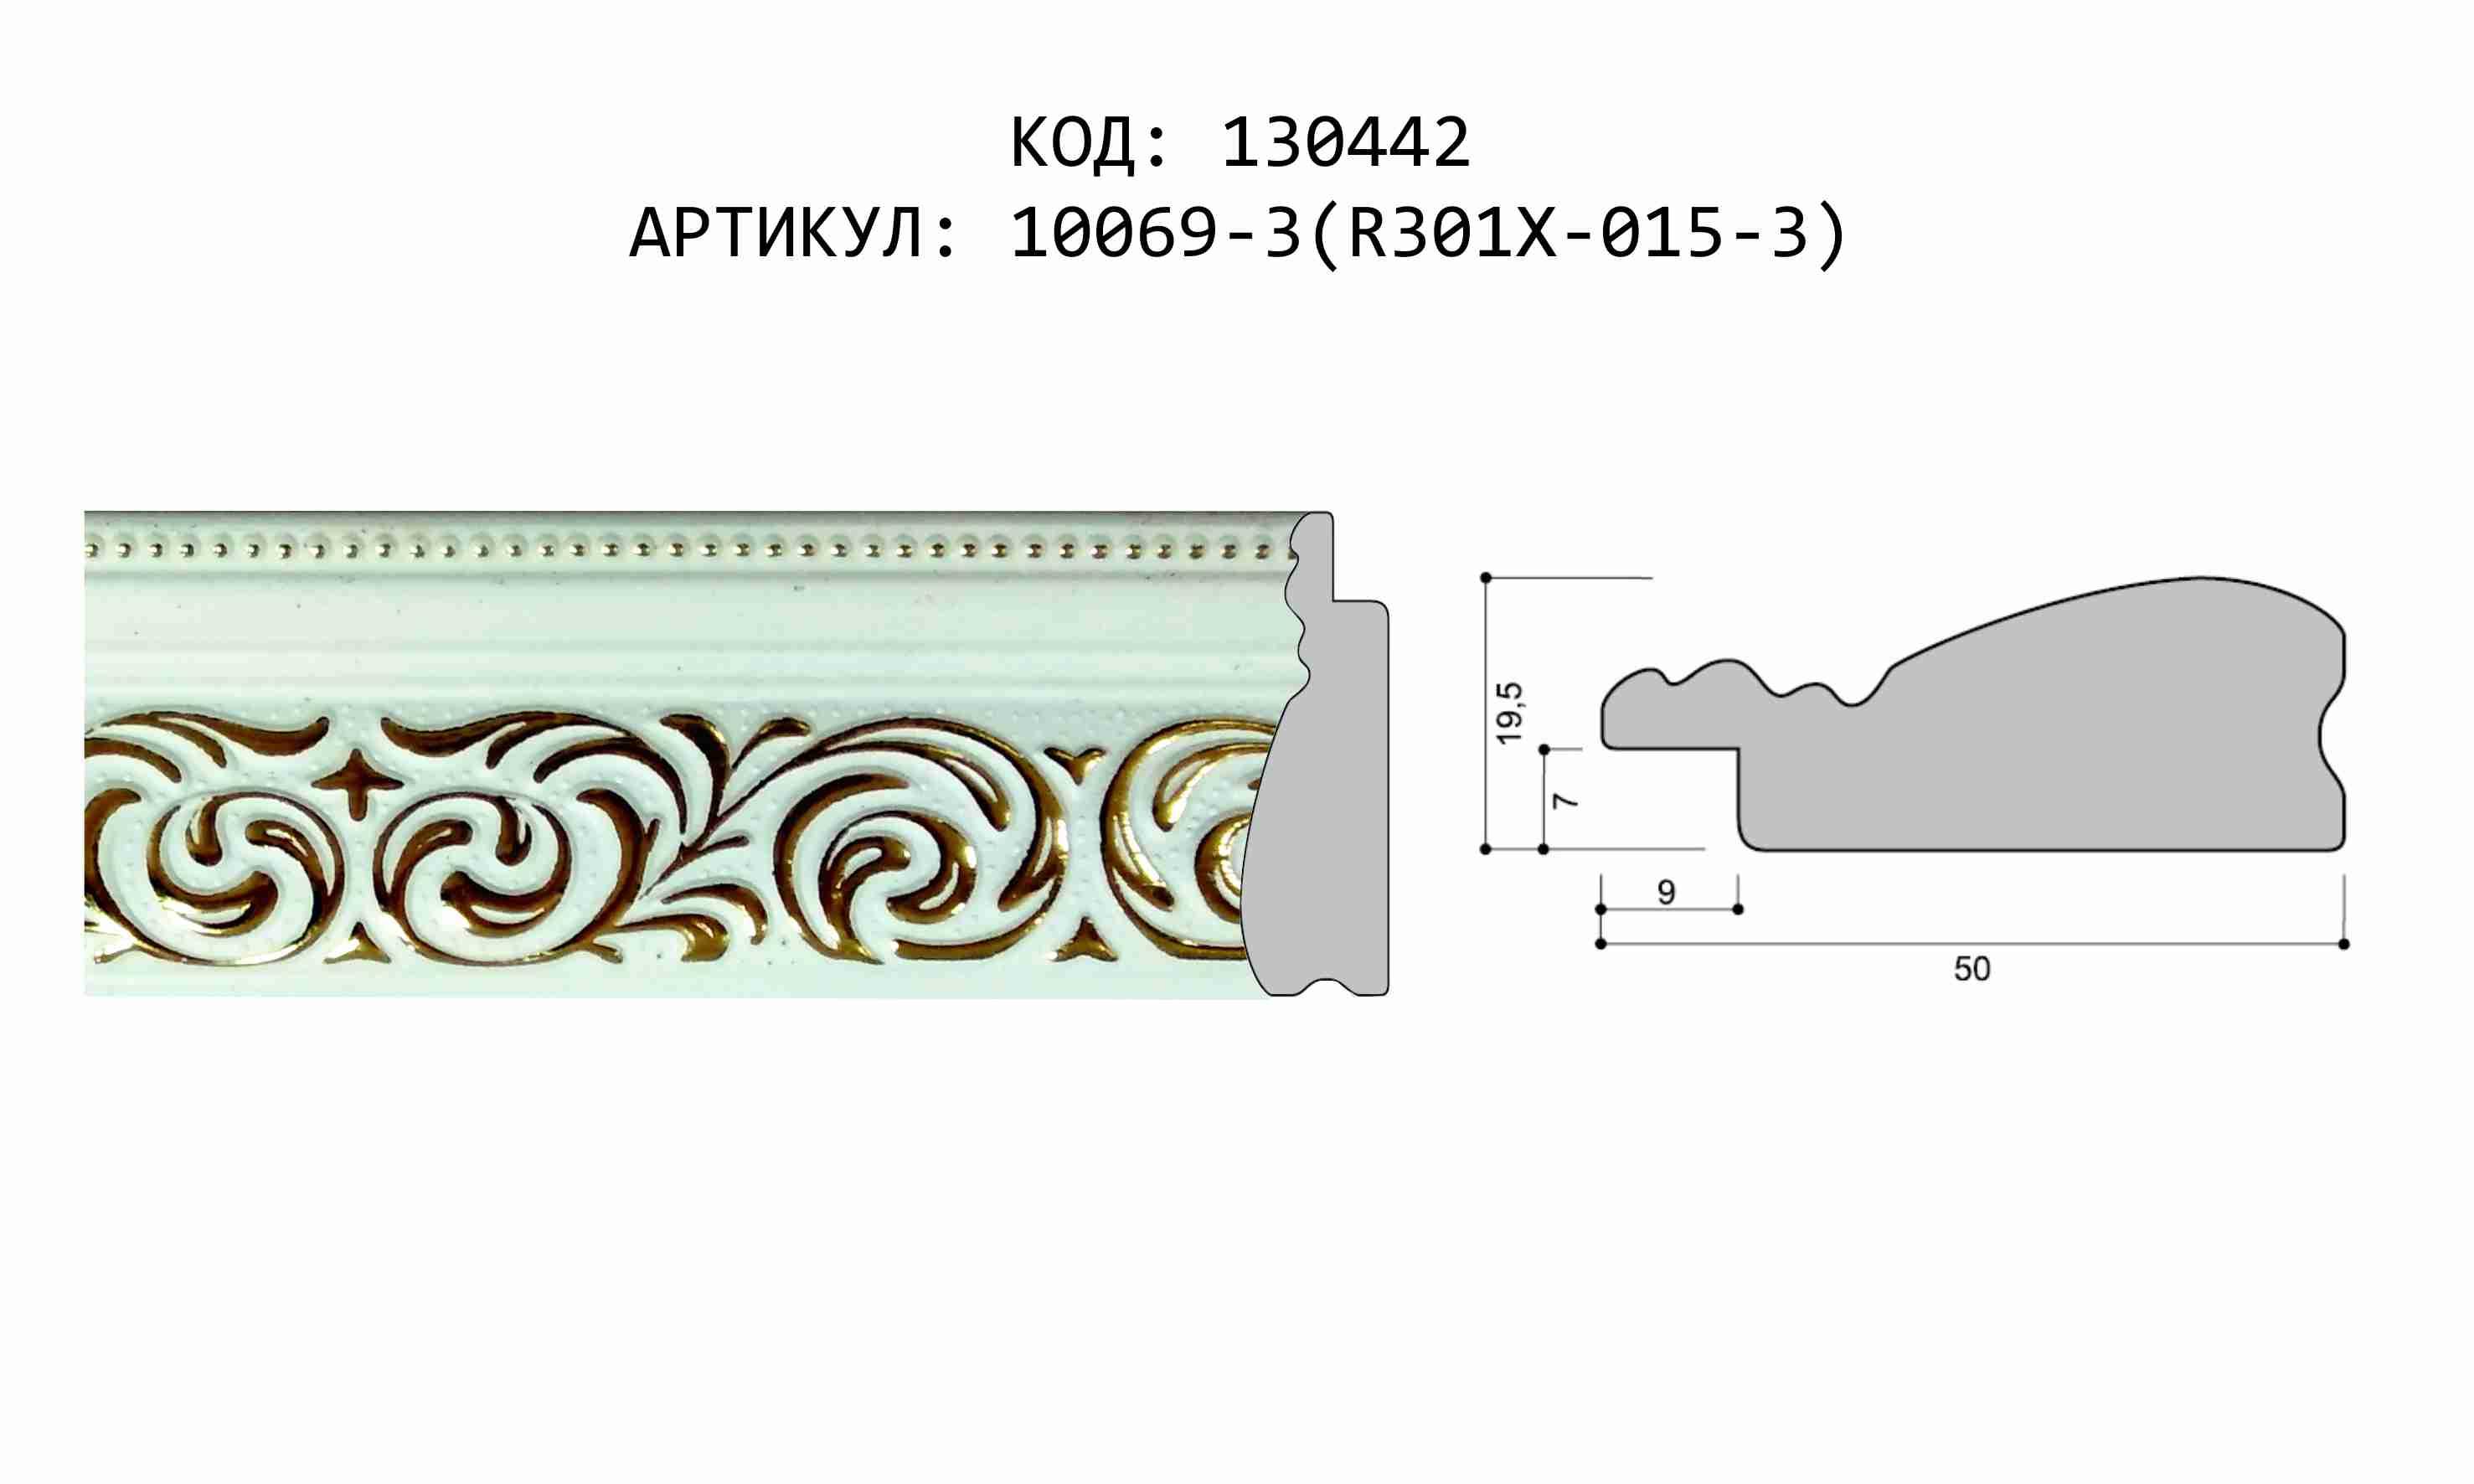 Артикул: 10069-3(R301X-015-3)